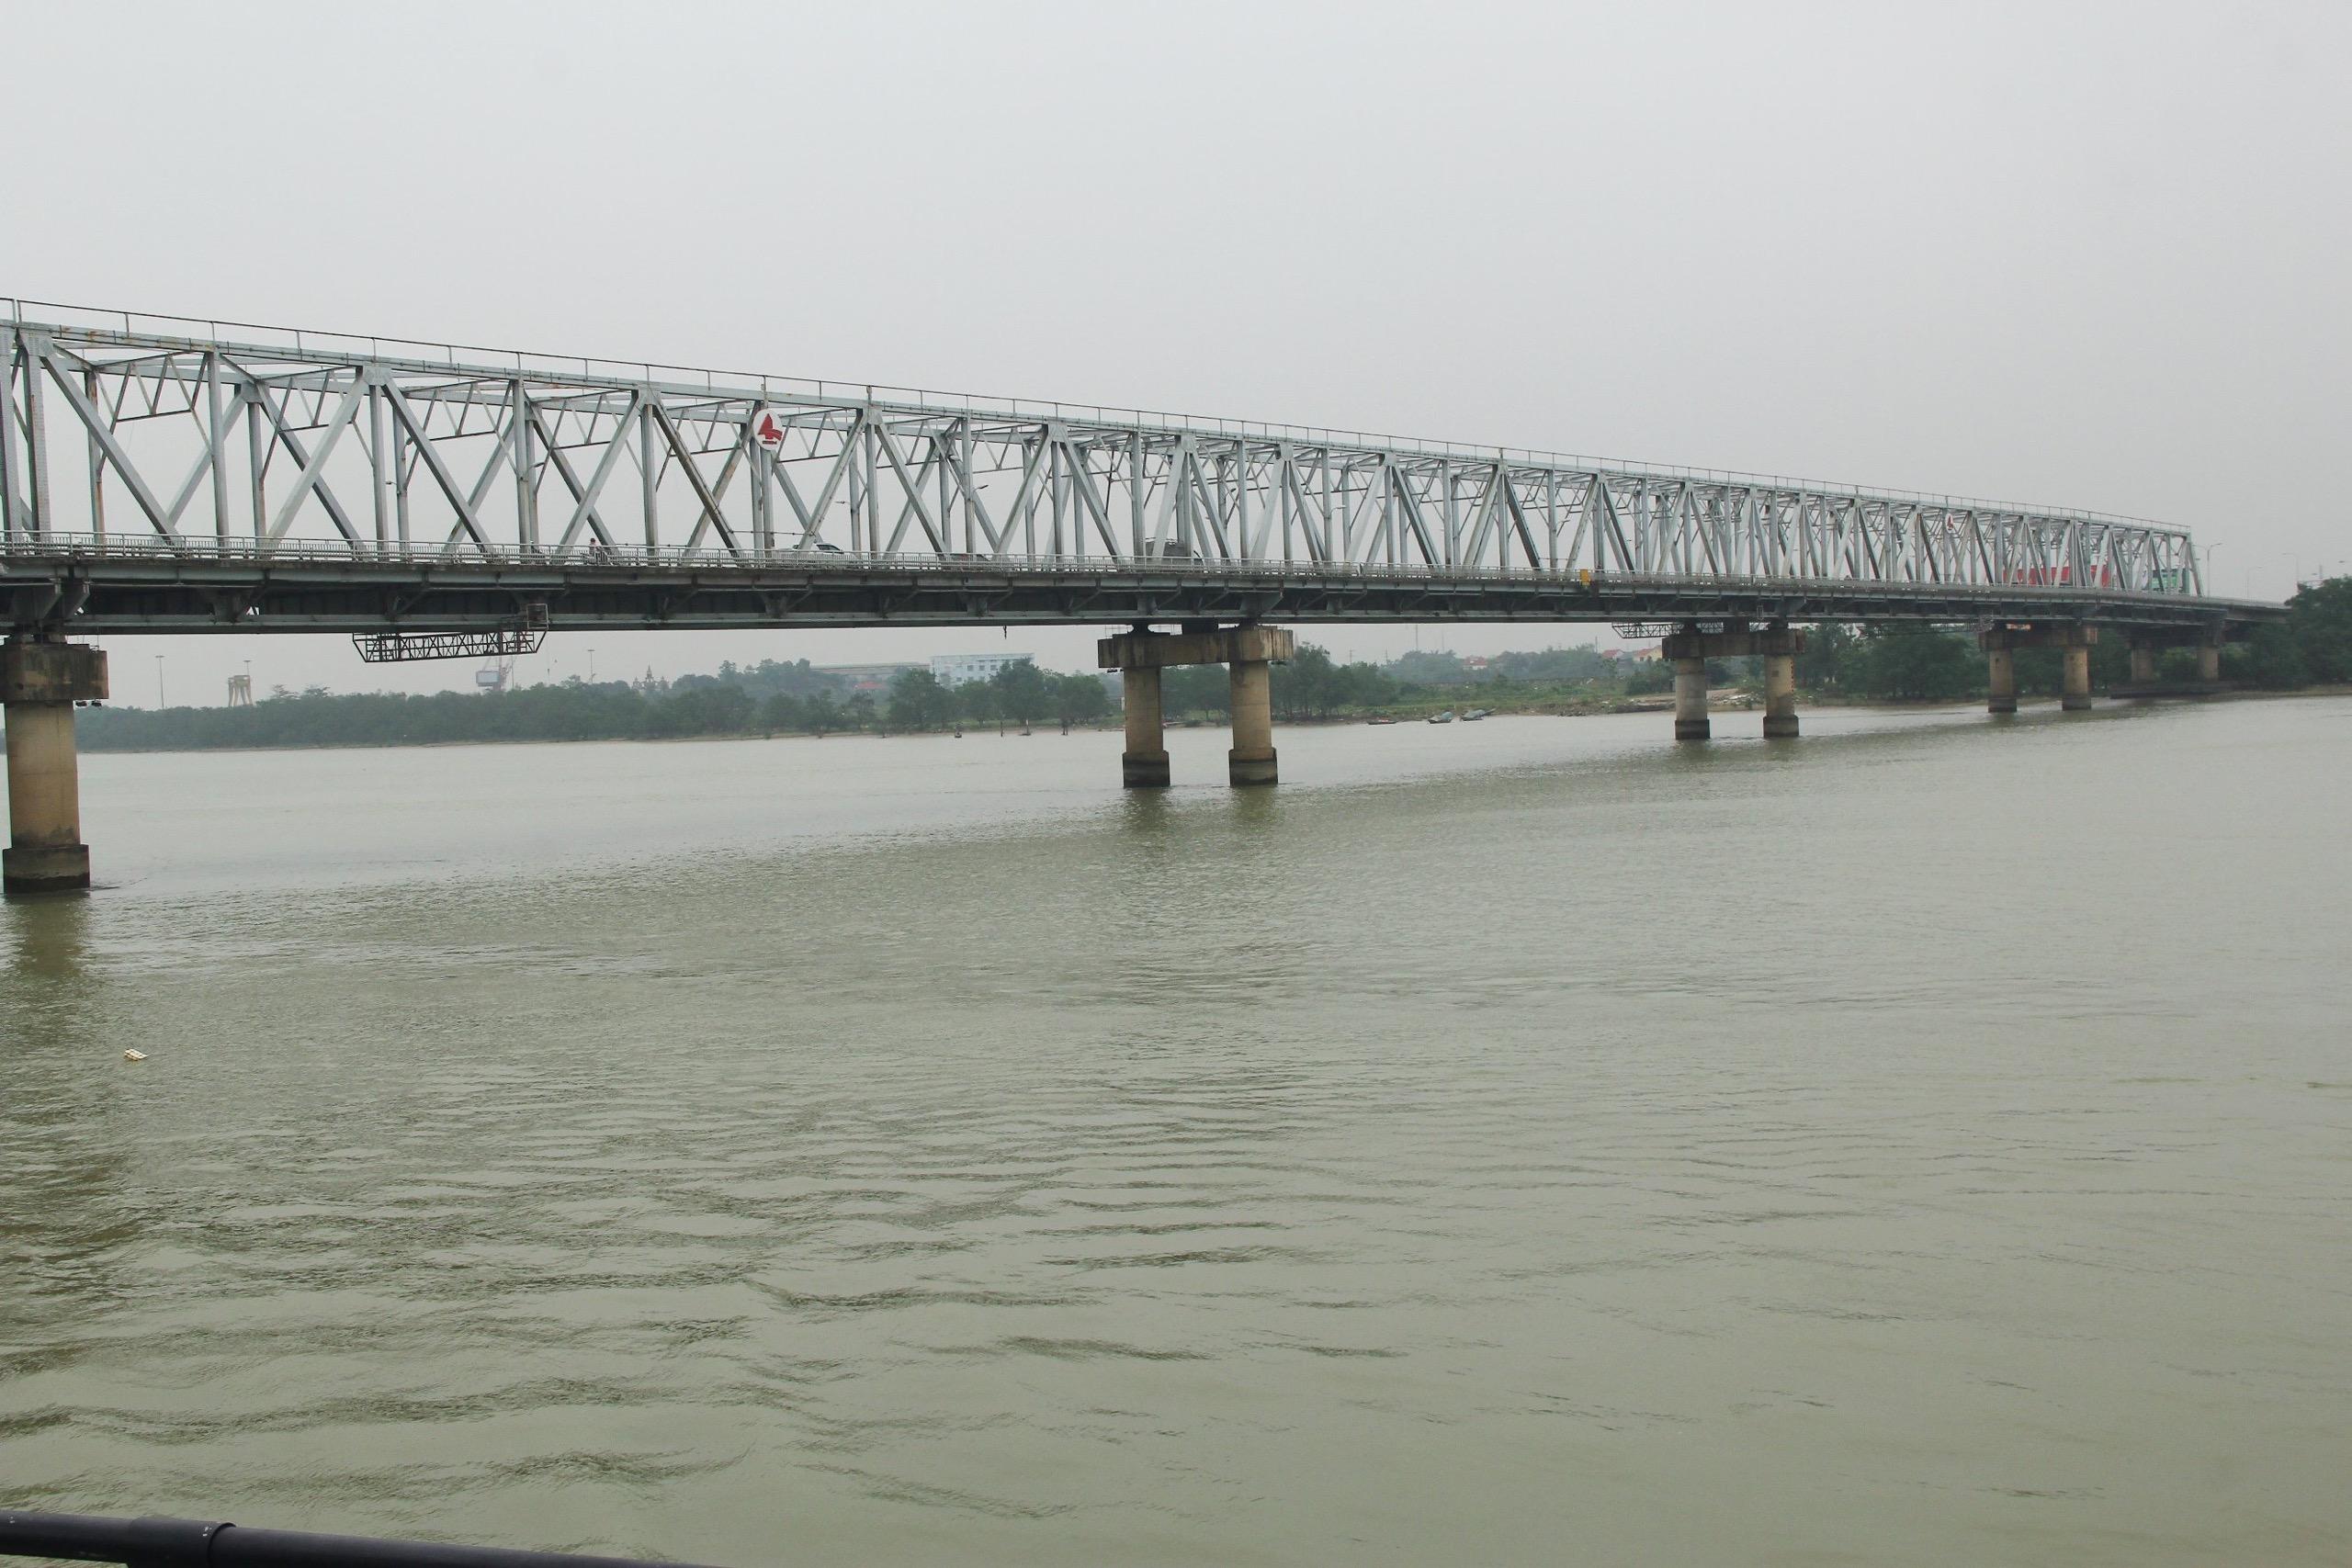 Cầu Bến Thuỷ (TP.Vinh – Nghệ An), nơi anh em Mạnh- Toàn đã cứu được gần 30 người quẫn bách